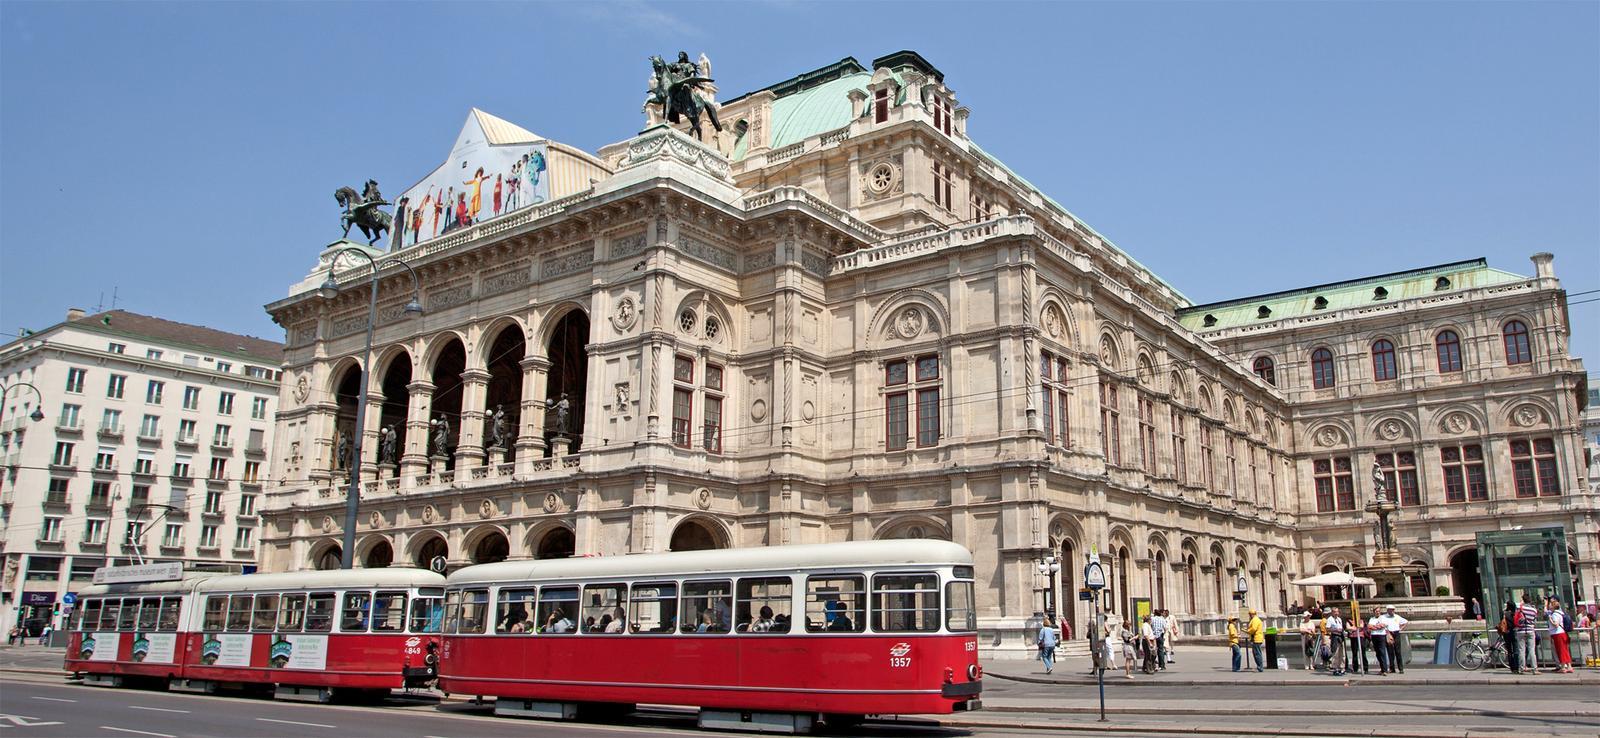 Вена, оперный театр